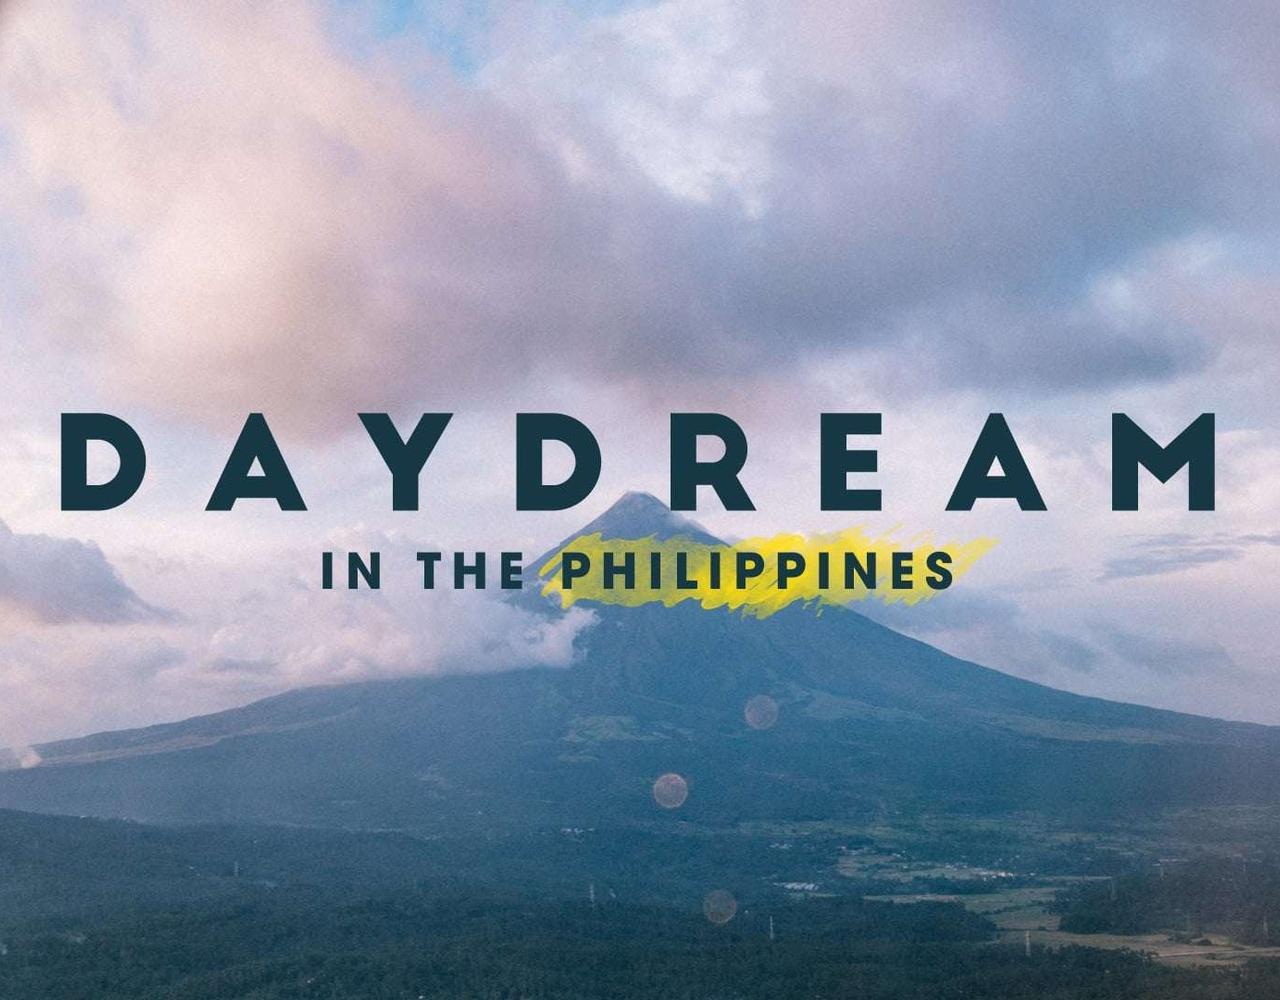 菲律宾:浮生幻梦